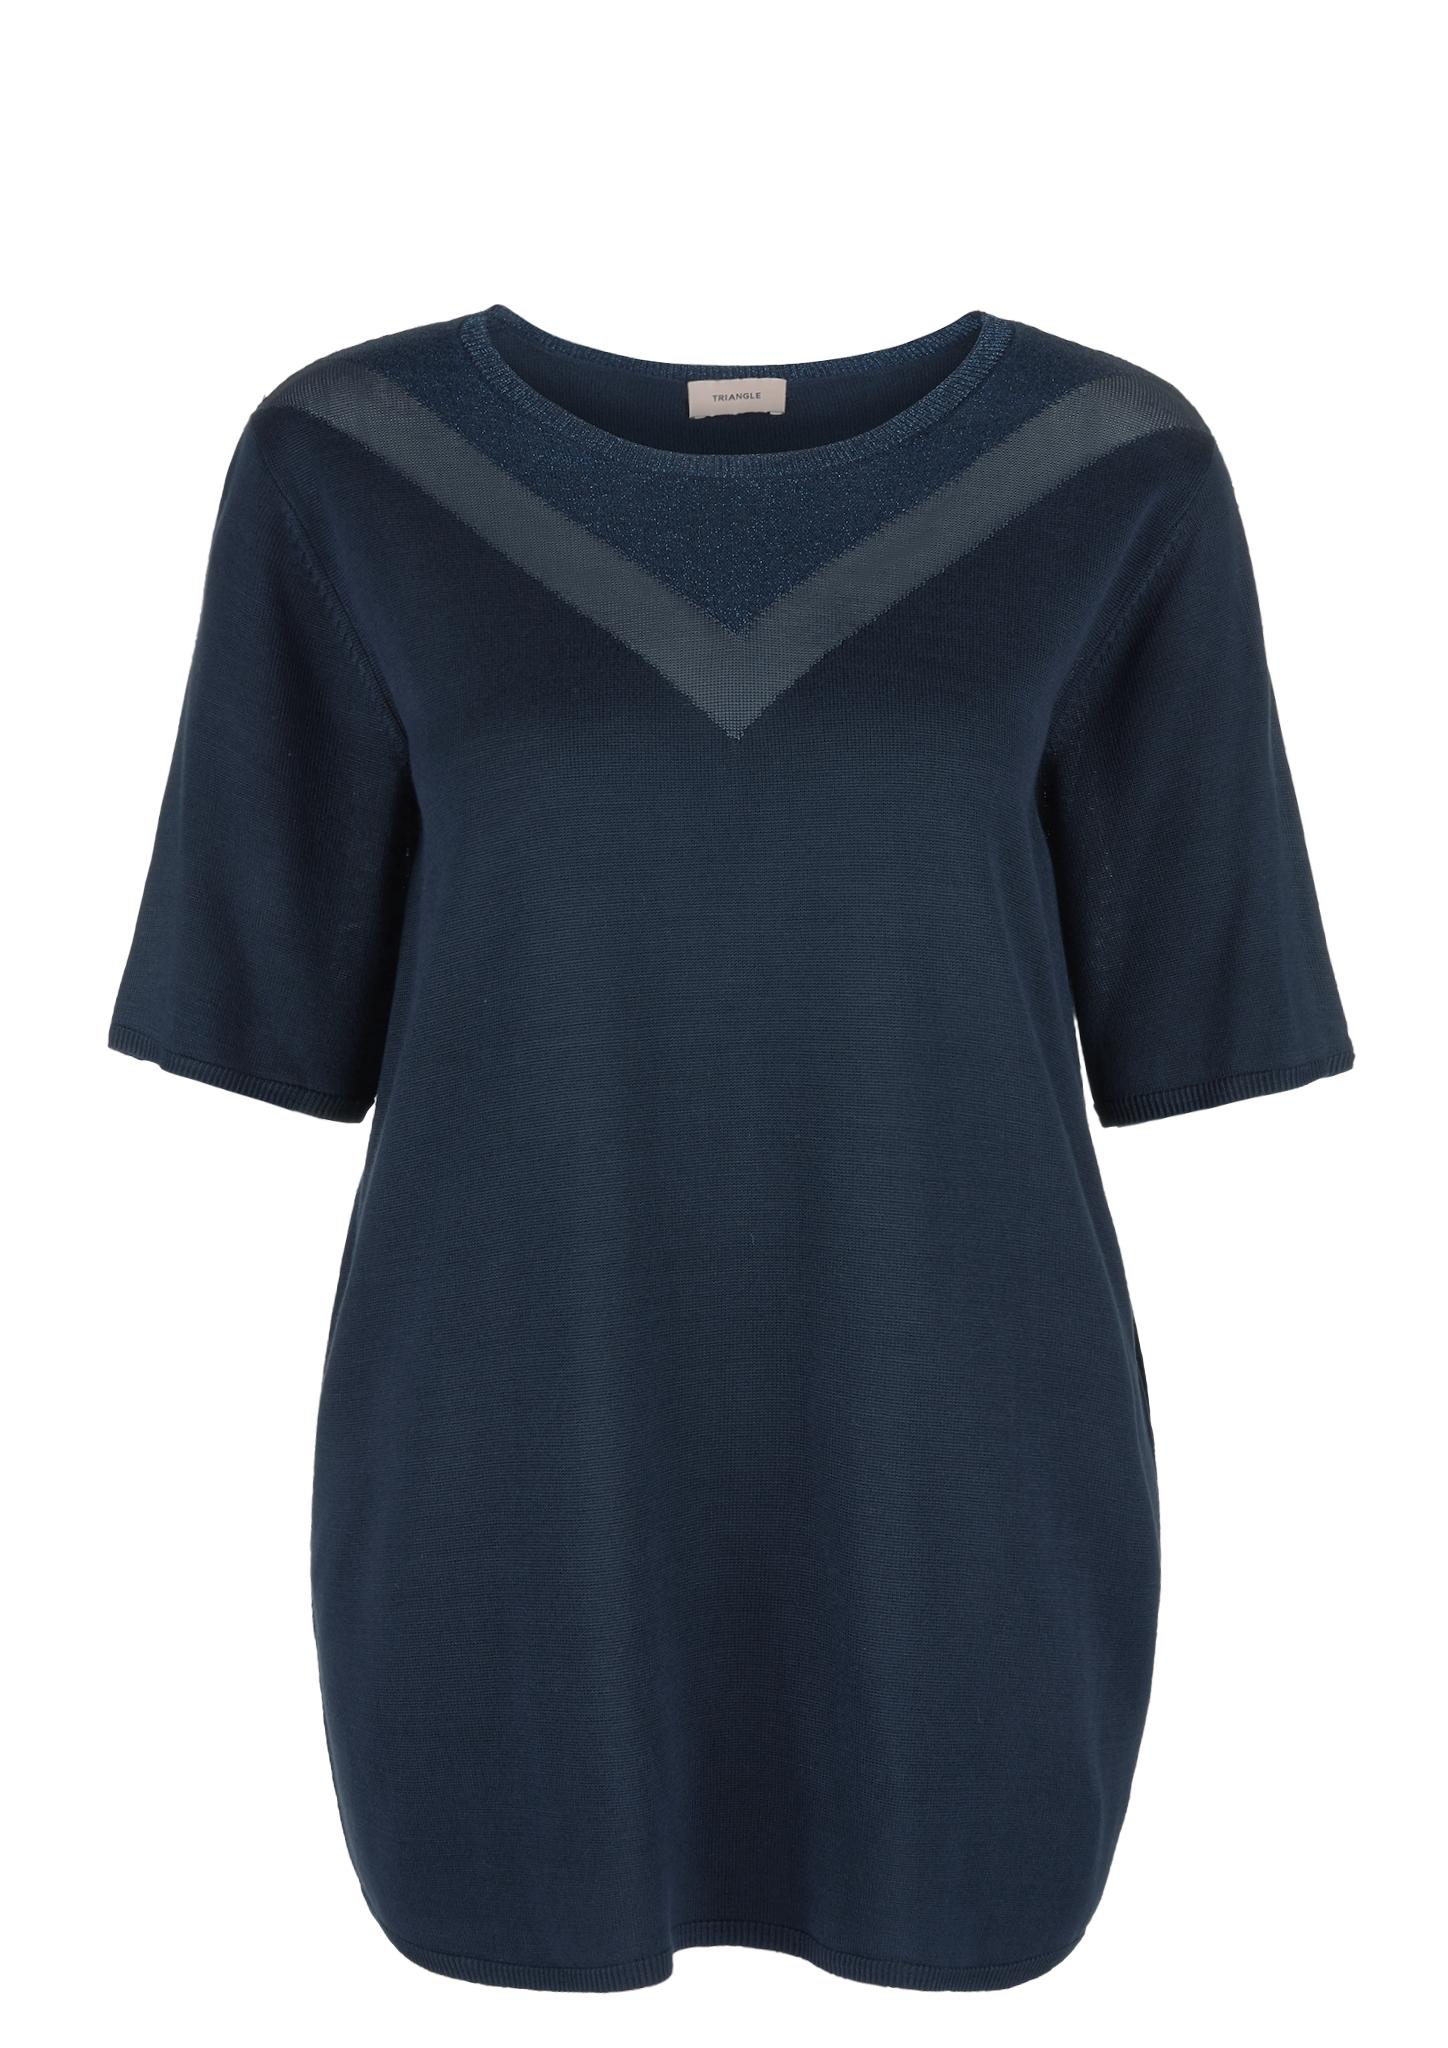 Kurzarmpullover | Bekleidung > Pullover > Kurzarmpullover | TRIANGLE